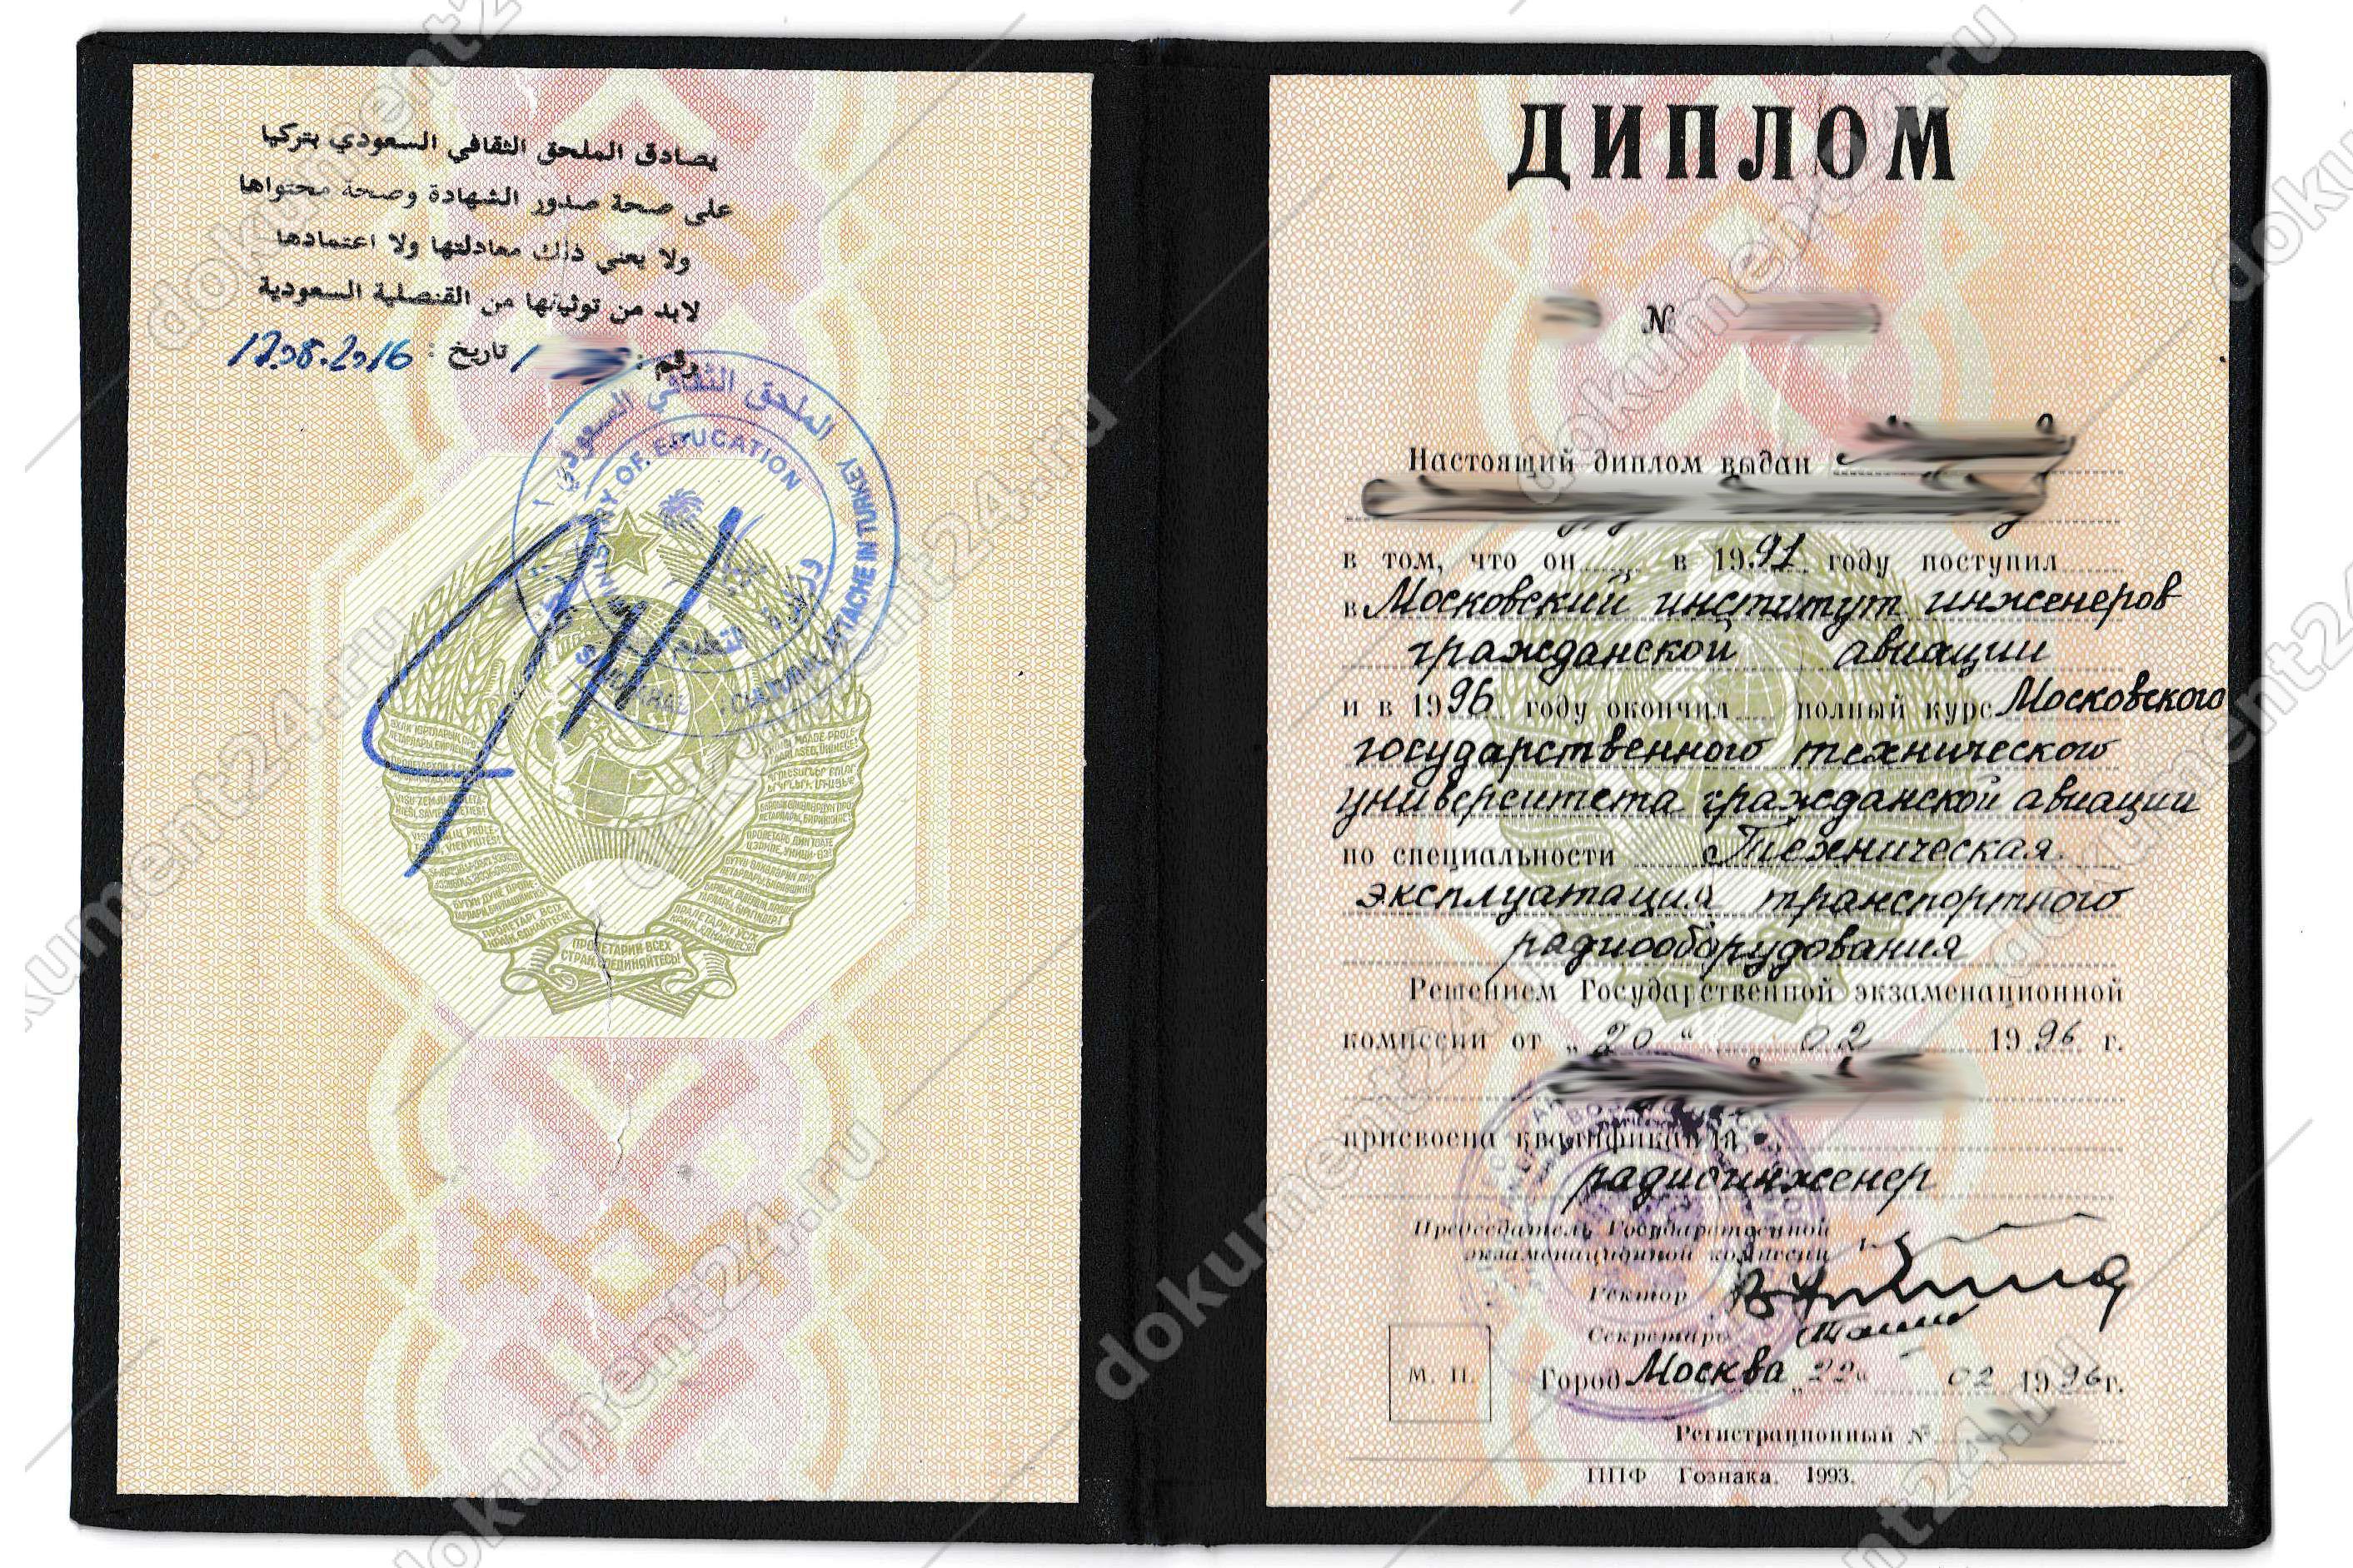 Саудовская Аравия заверение диплома в Анкаре Блог Документ  заверение диплома в Анкаре